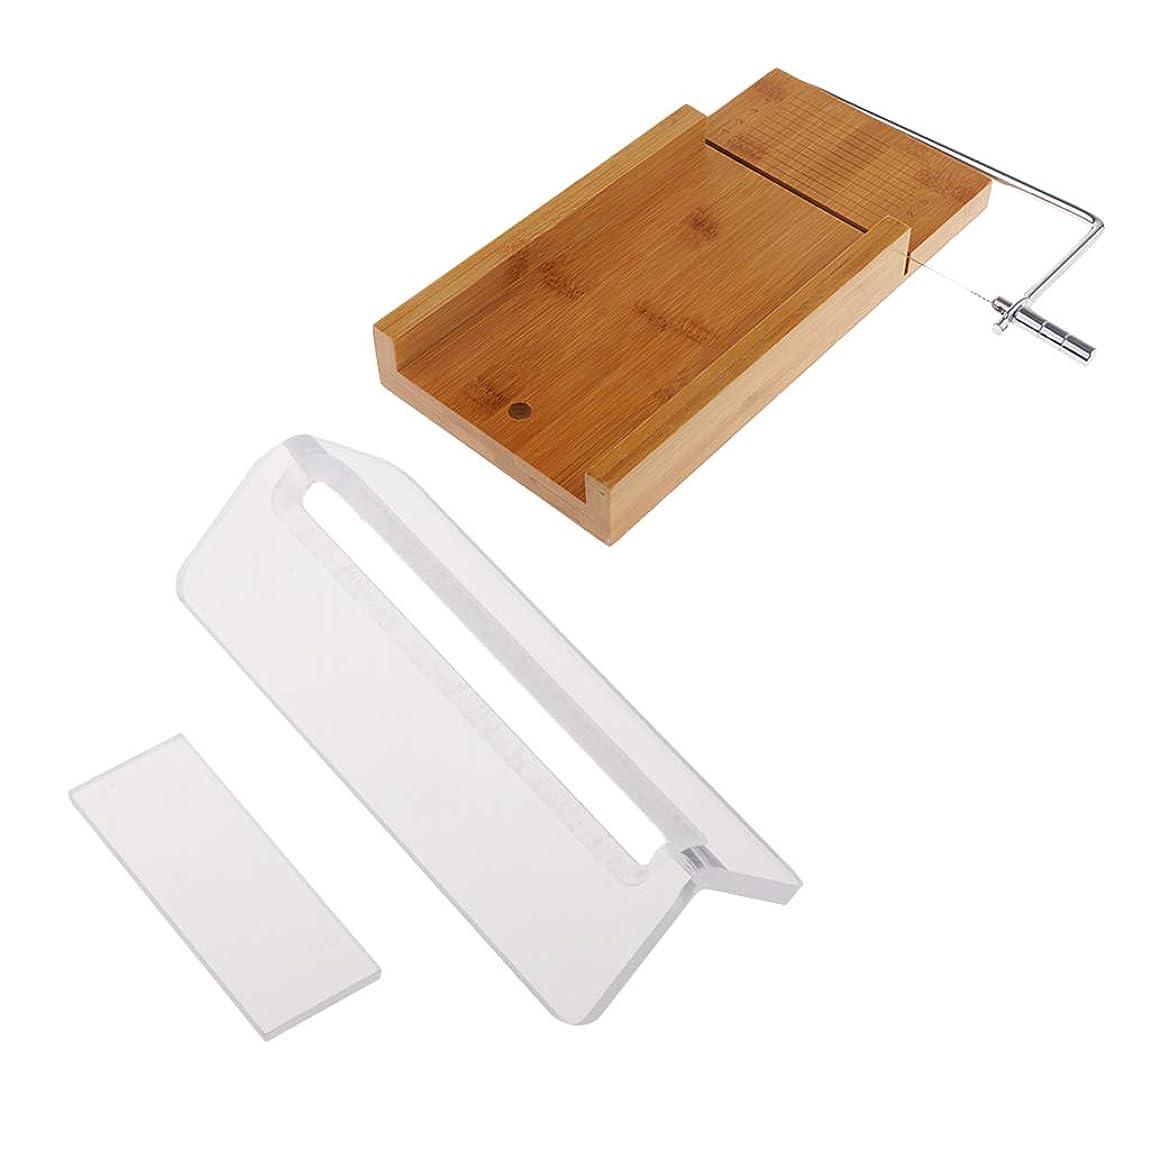 艶繊細どちらもFLAMEER ローフカッター 木製 ソープ包丁 石鹸カッター 手作り石鹸 DIY キッチン用品 2個入り